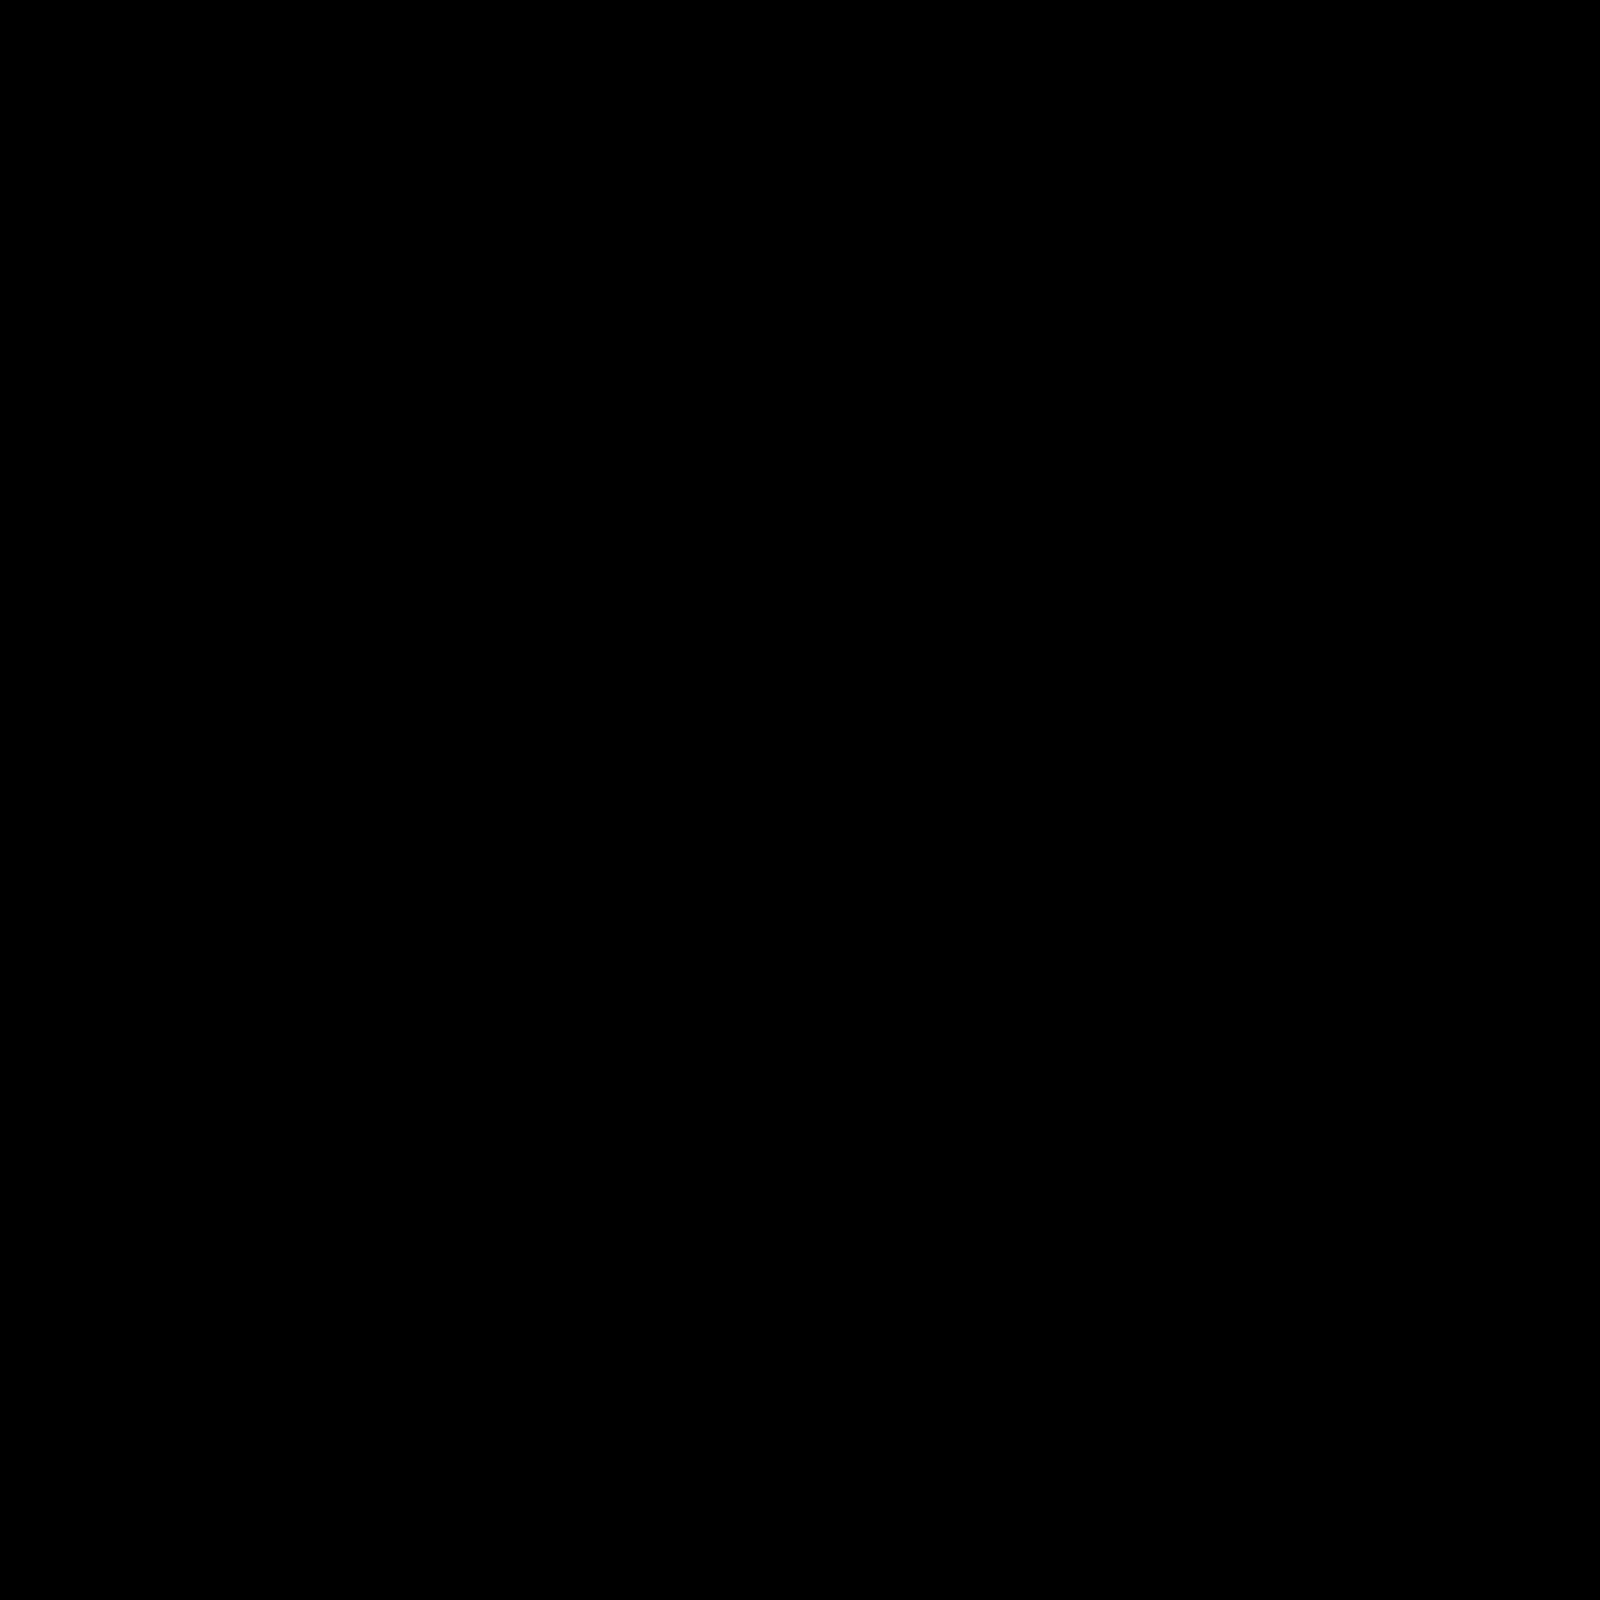 Opaska na włosy icon